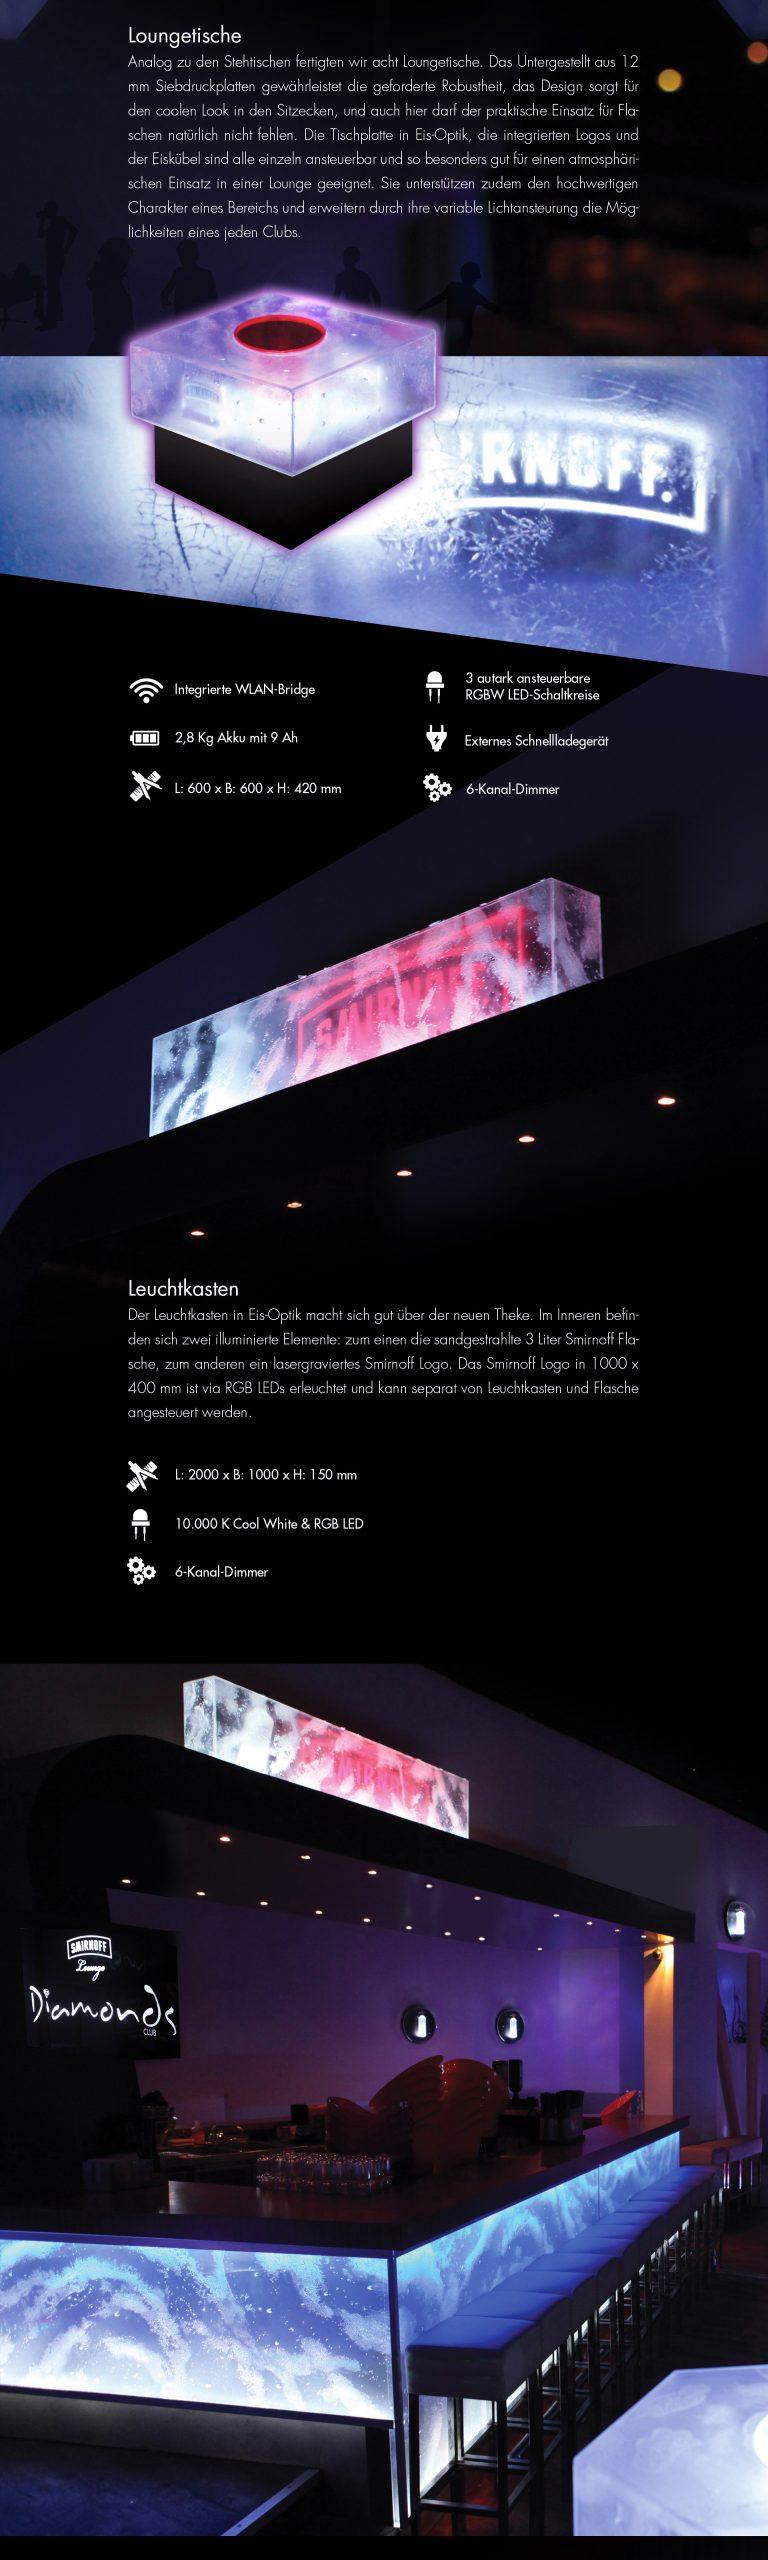 Grafische Produktions-Dokumentation - Kölner Diamonds Club. Interieur Design und visuelle Kommunikation.